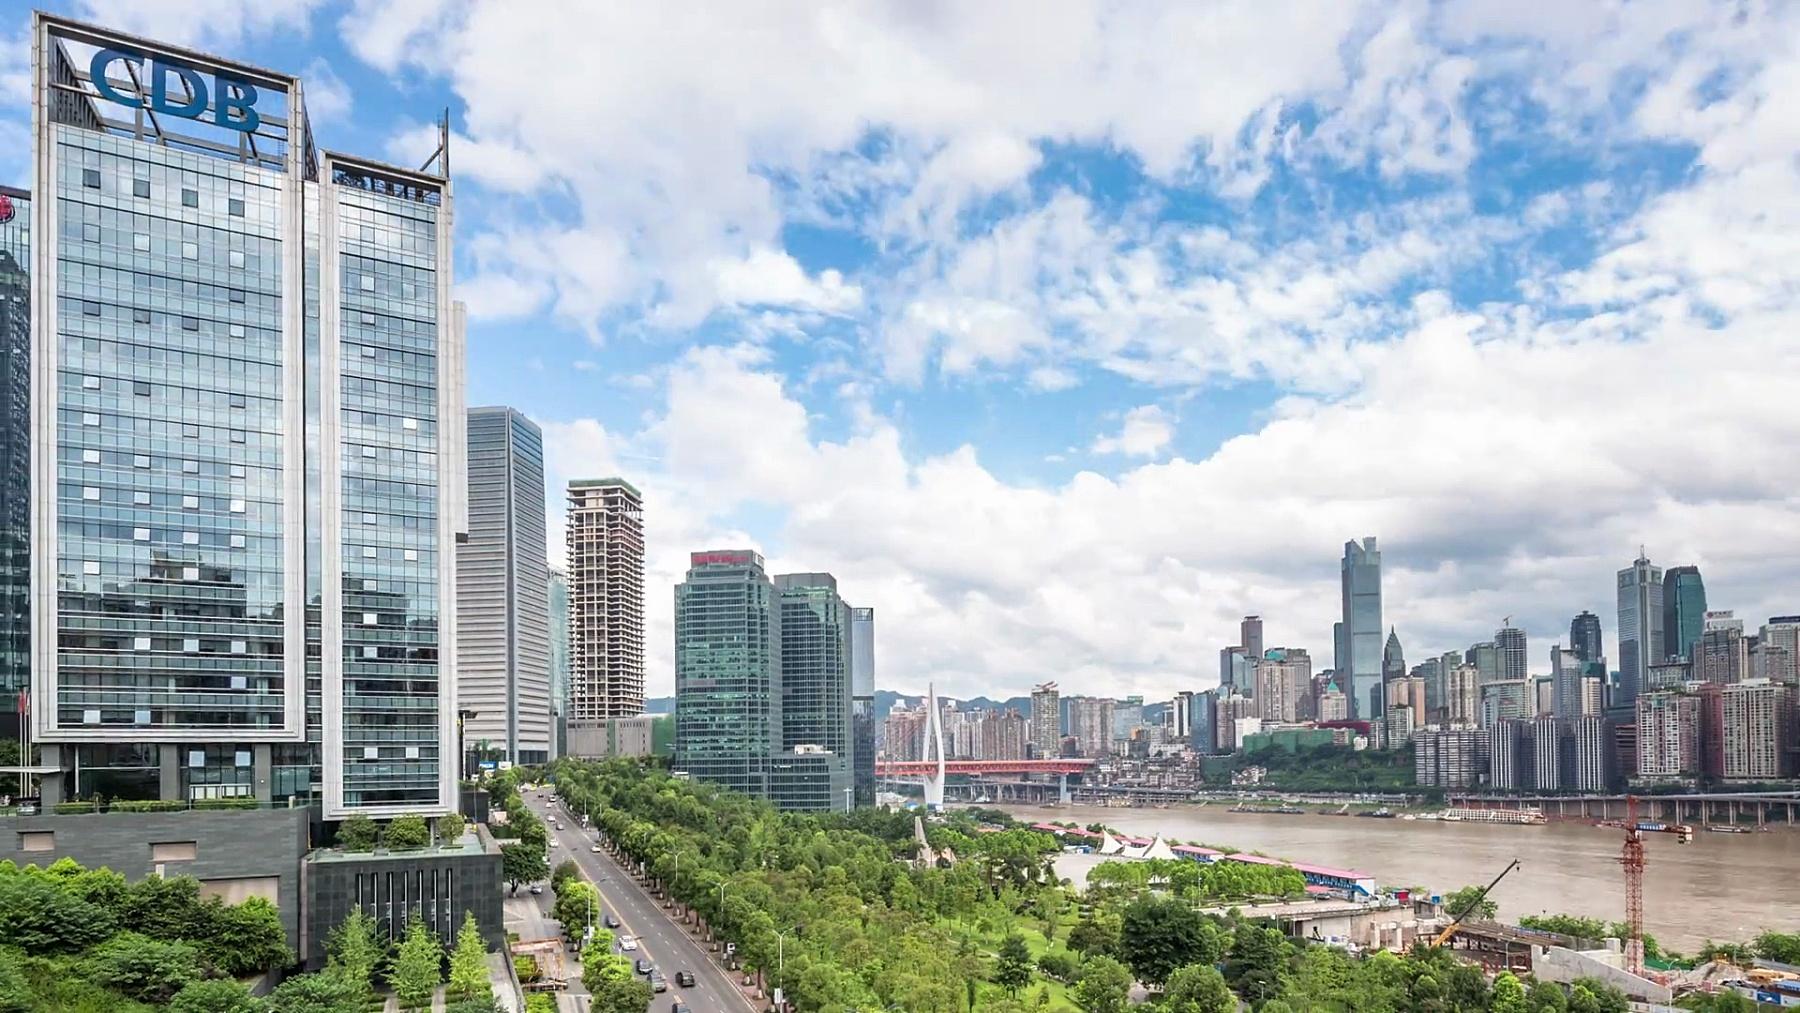 从河边看重庆的城市风光和天际线。时间间隔